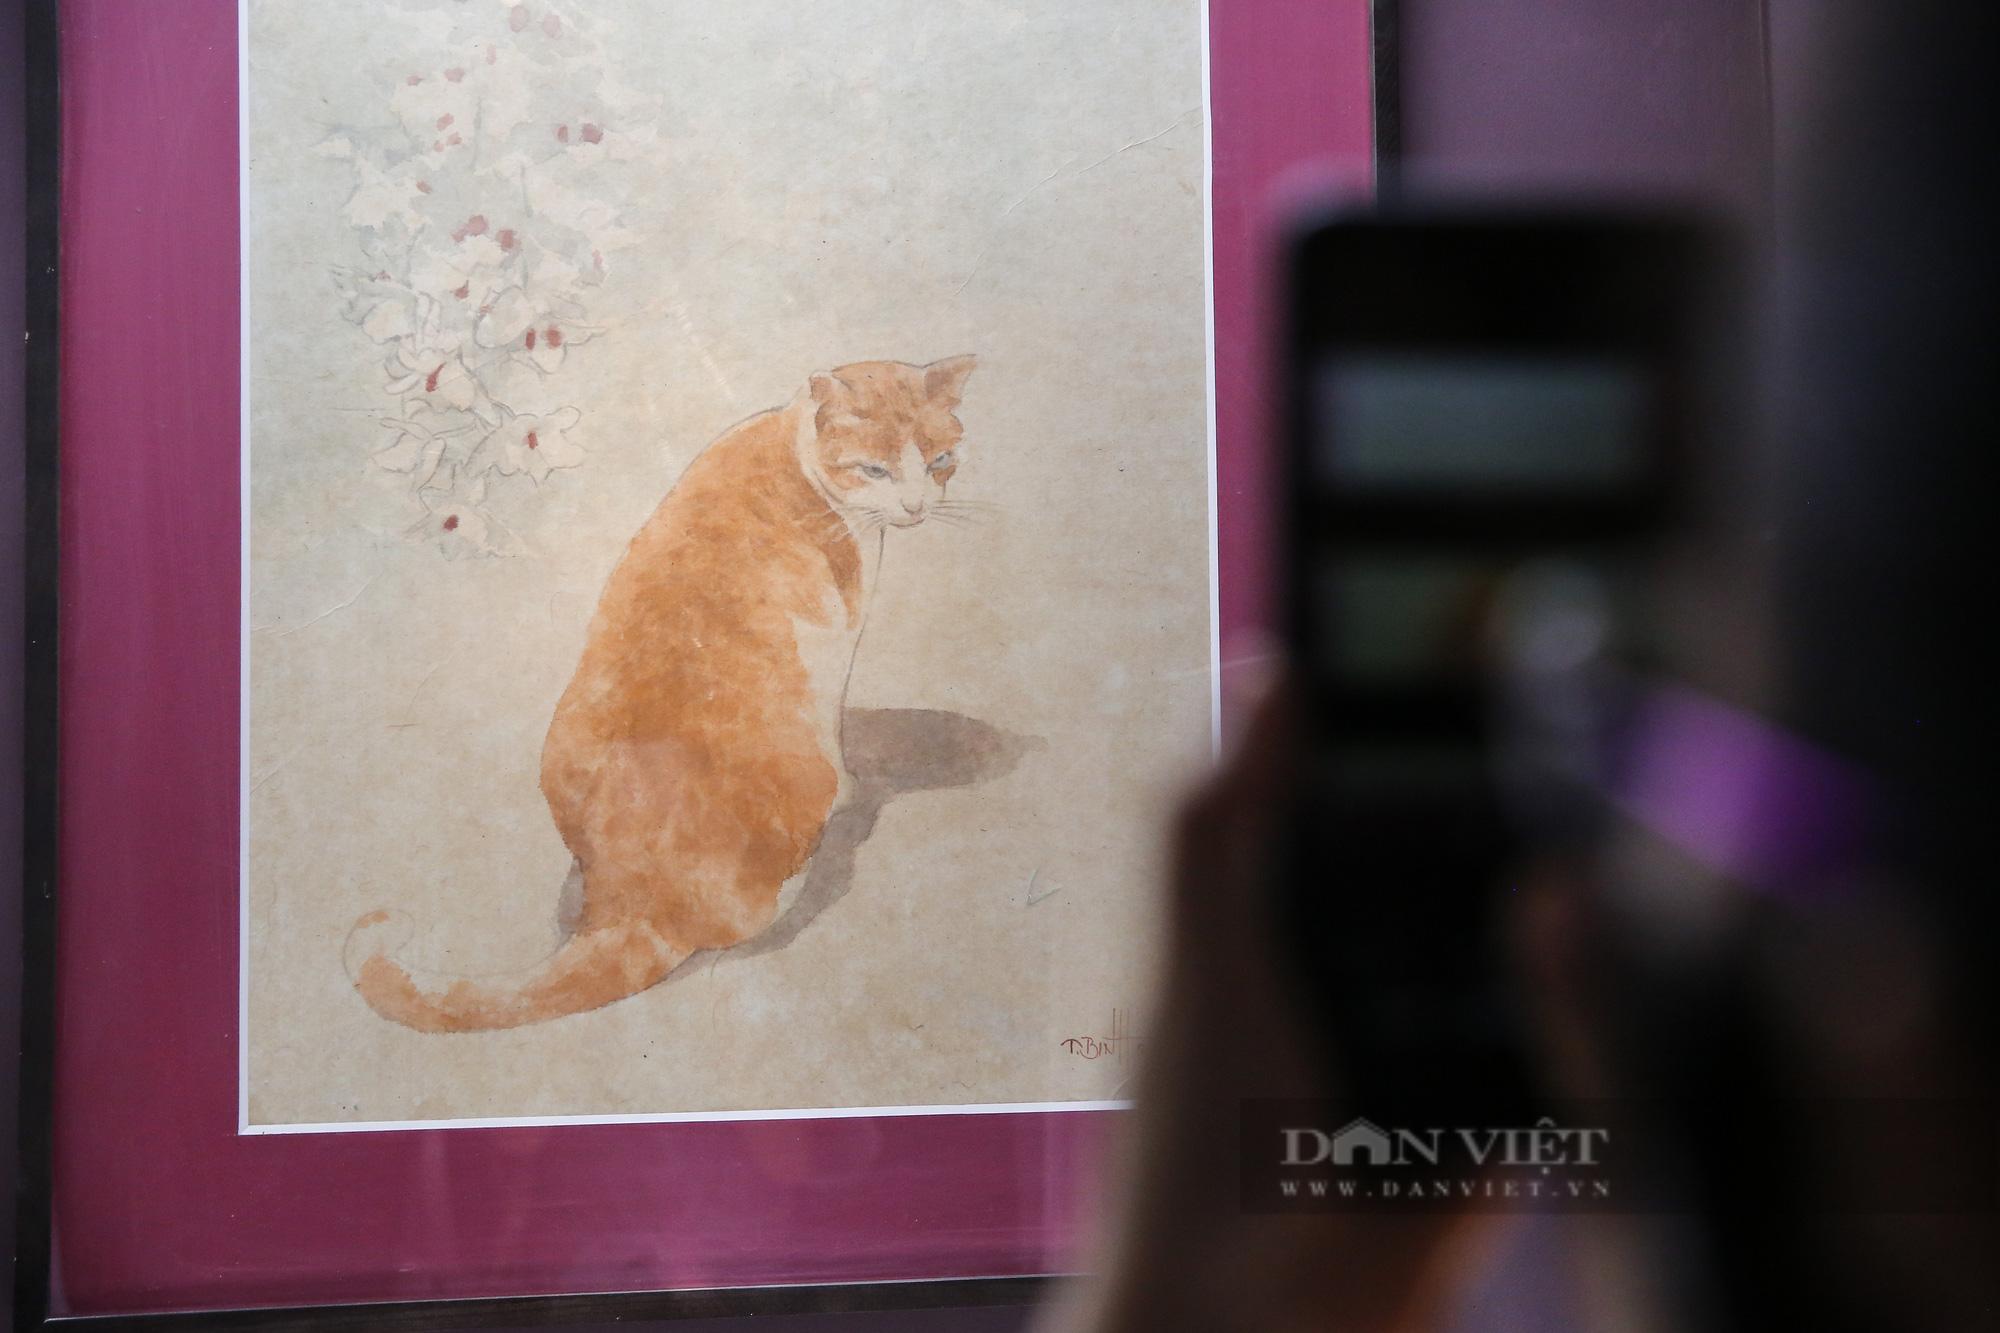 Chiêm ngưỡng không gian tranh giấy dó truyền thống đặc biệt tại Hà Nội - Ảnh 6.